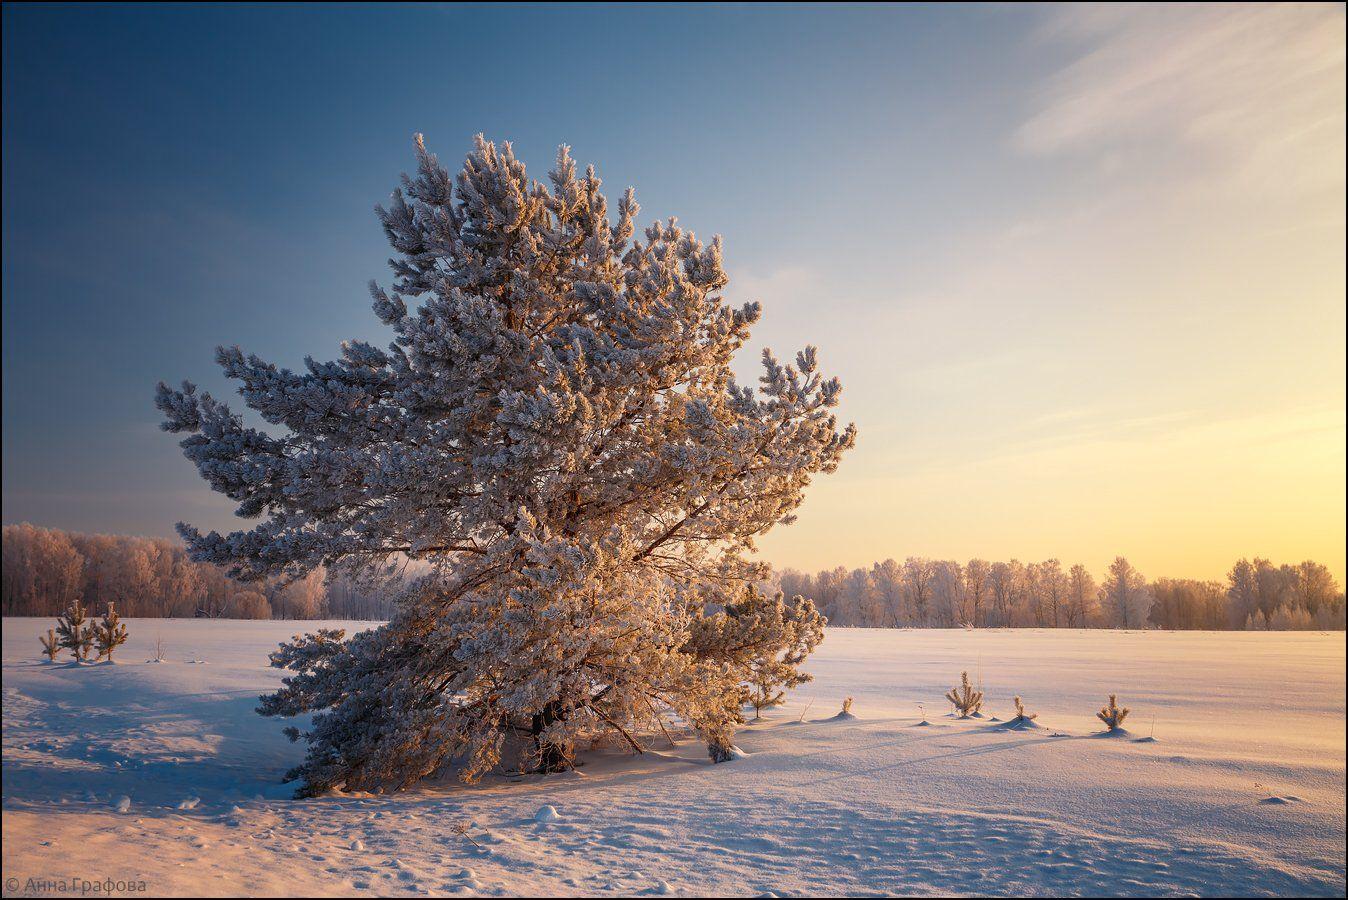 аня графова, мороз, нсо, утро, Аня Графова